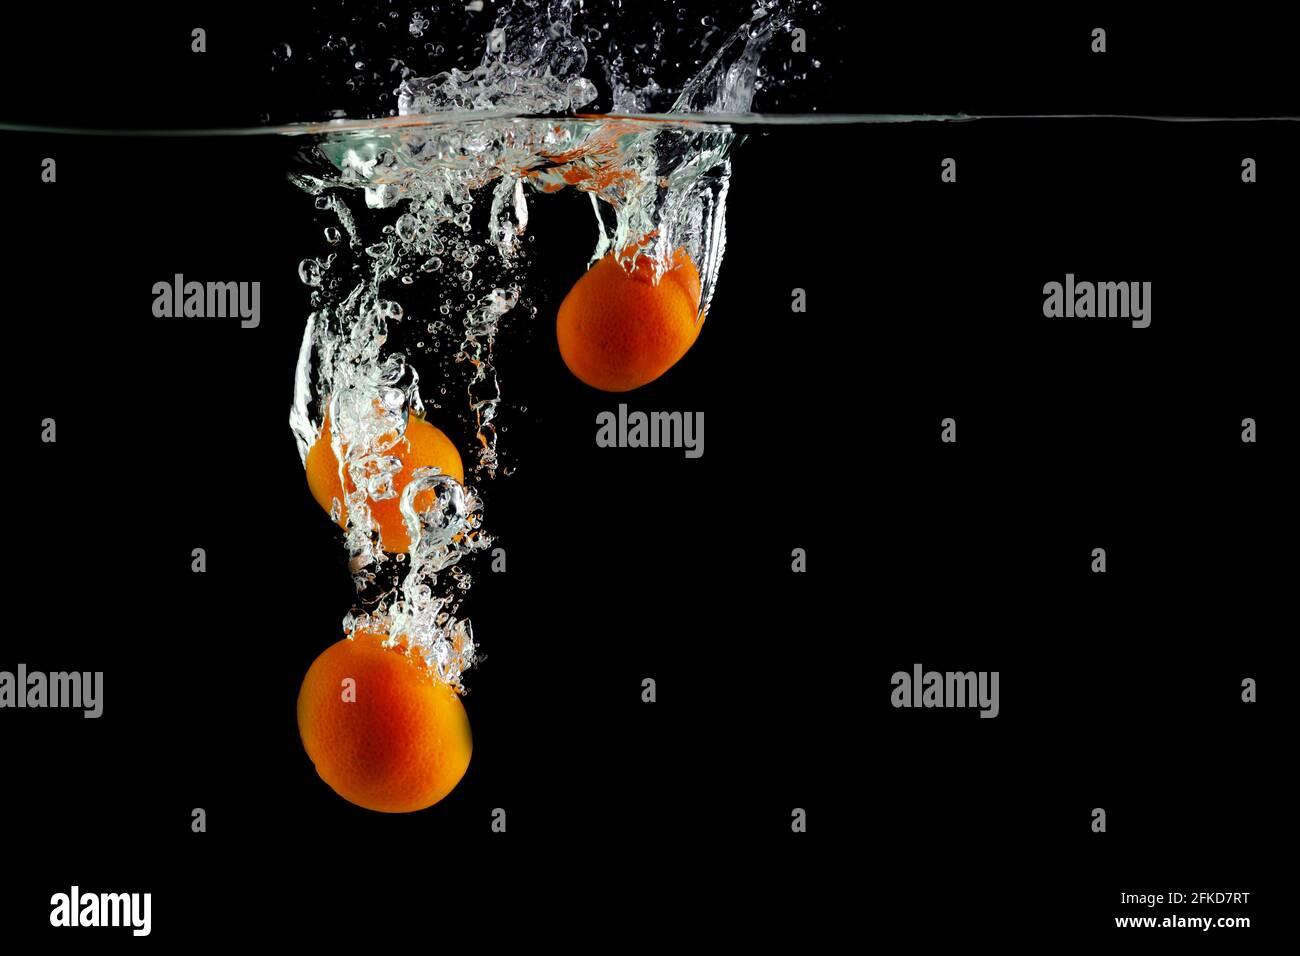 Drei Mandarinen fallen auf schwarzem Grund ins Wasser Stockfoto